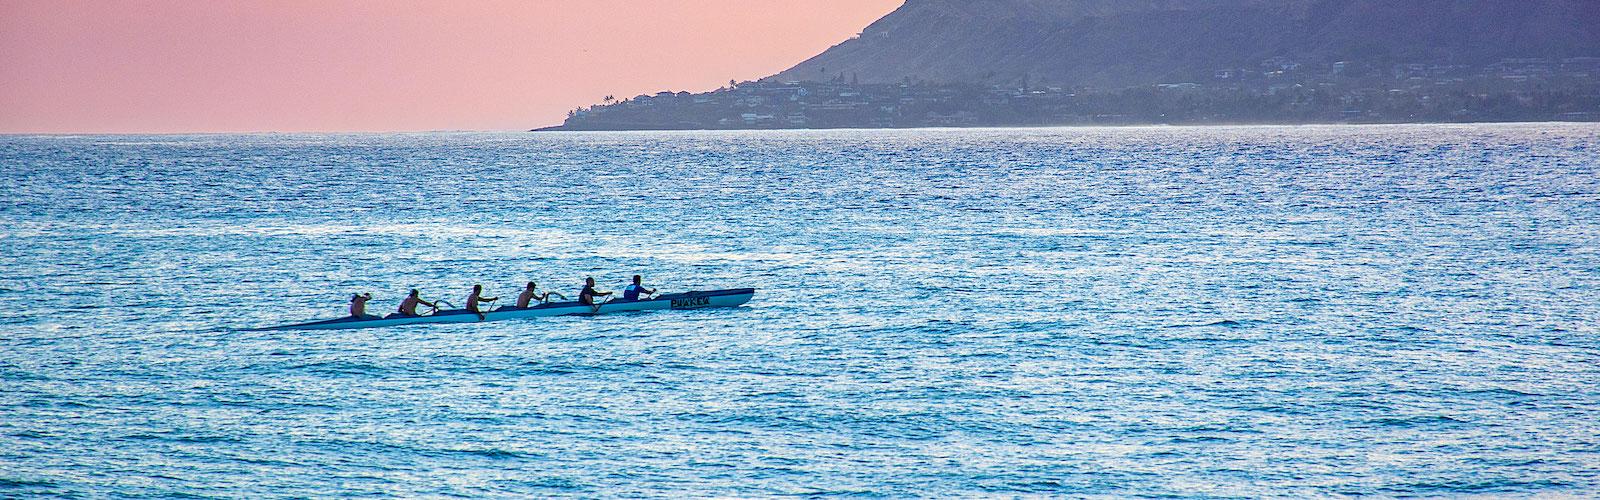 Purchase Hawaii Travel Insurance, Waikiki, Oahu